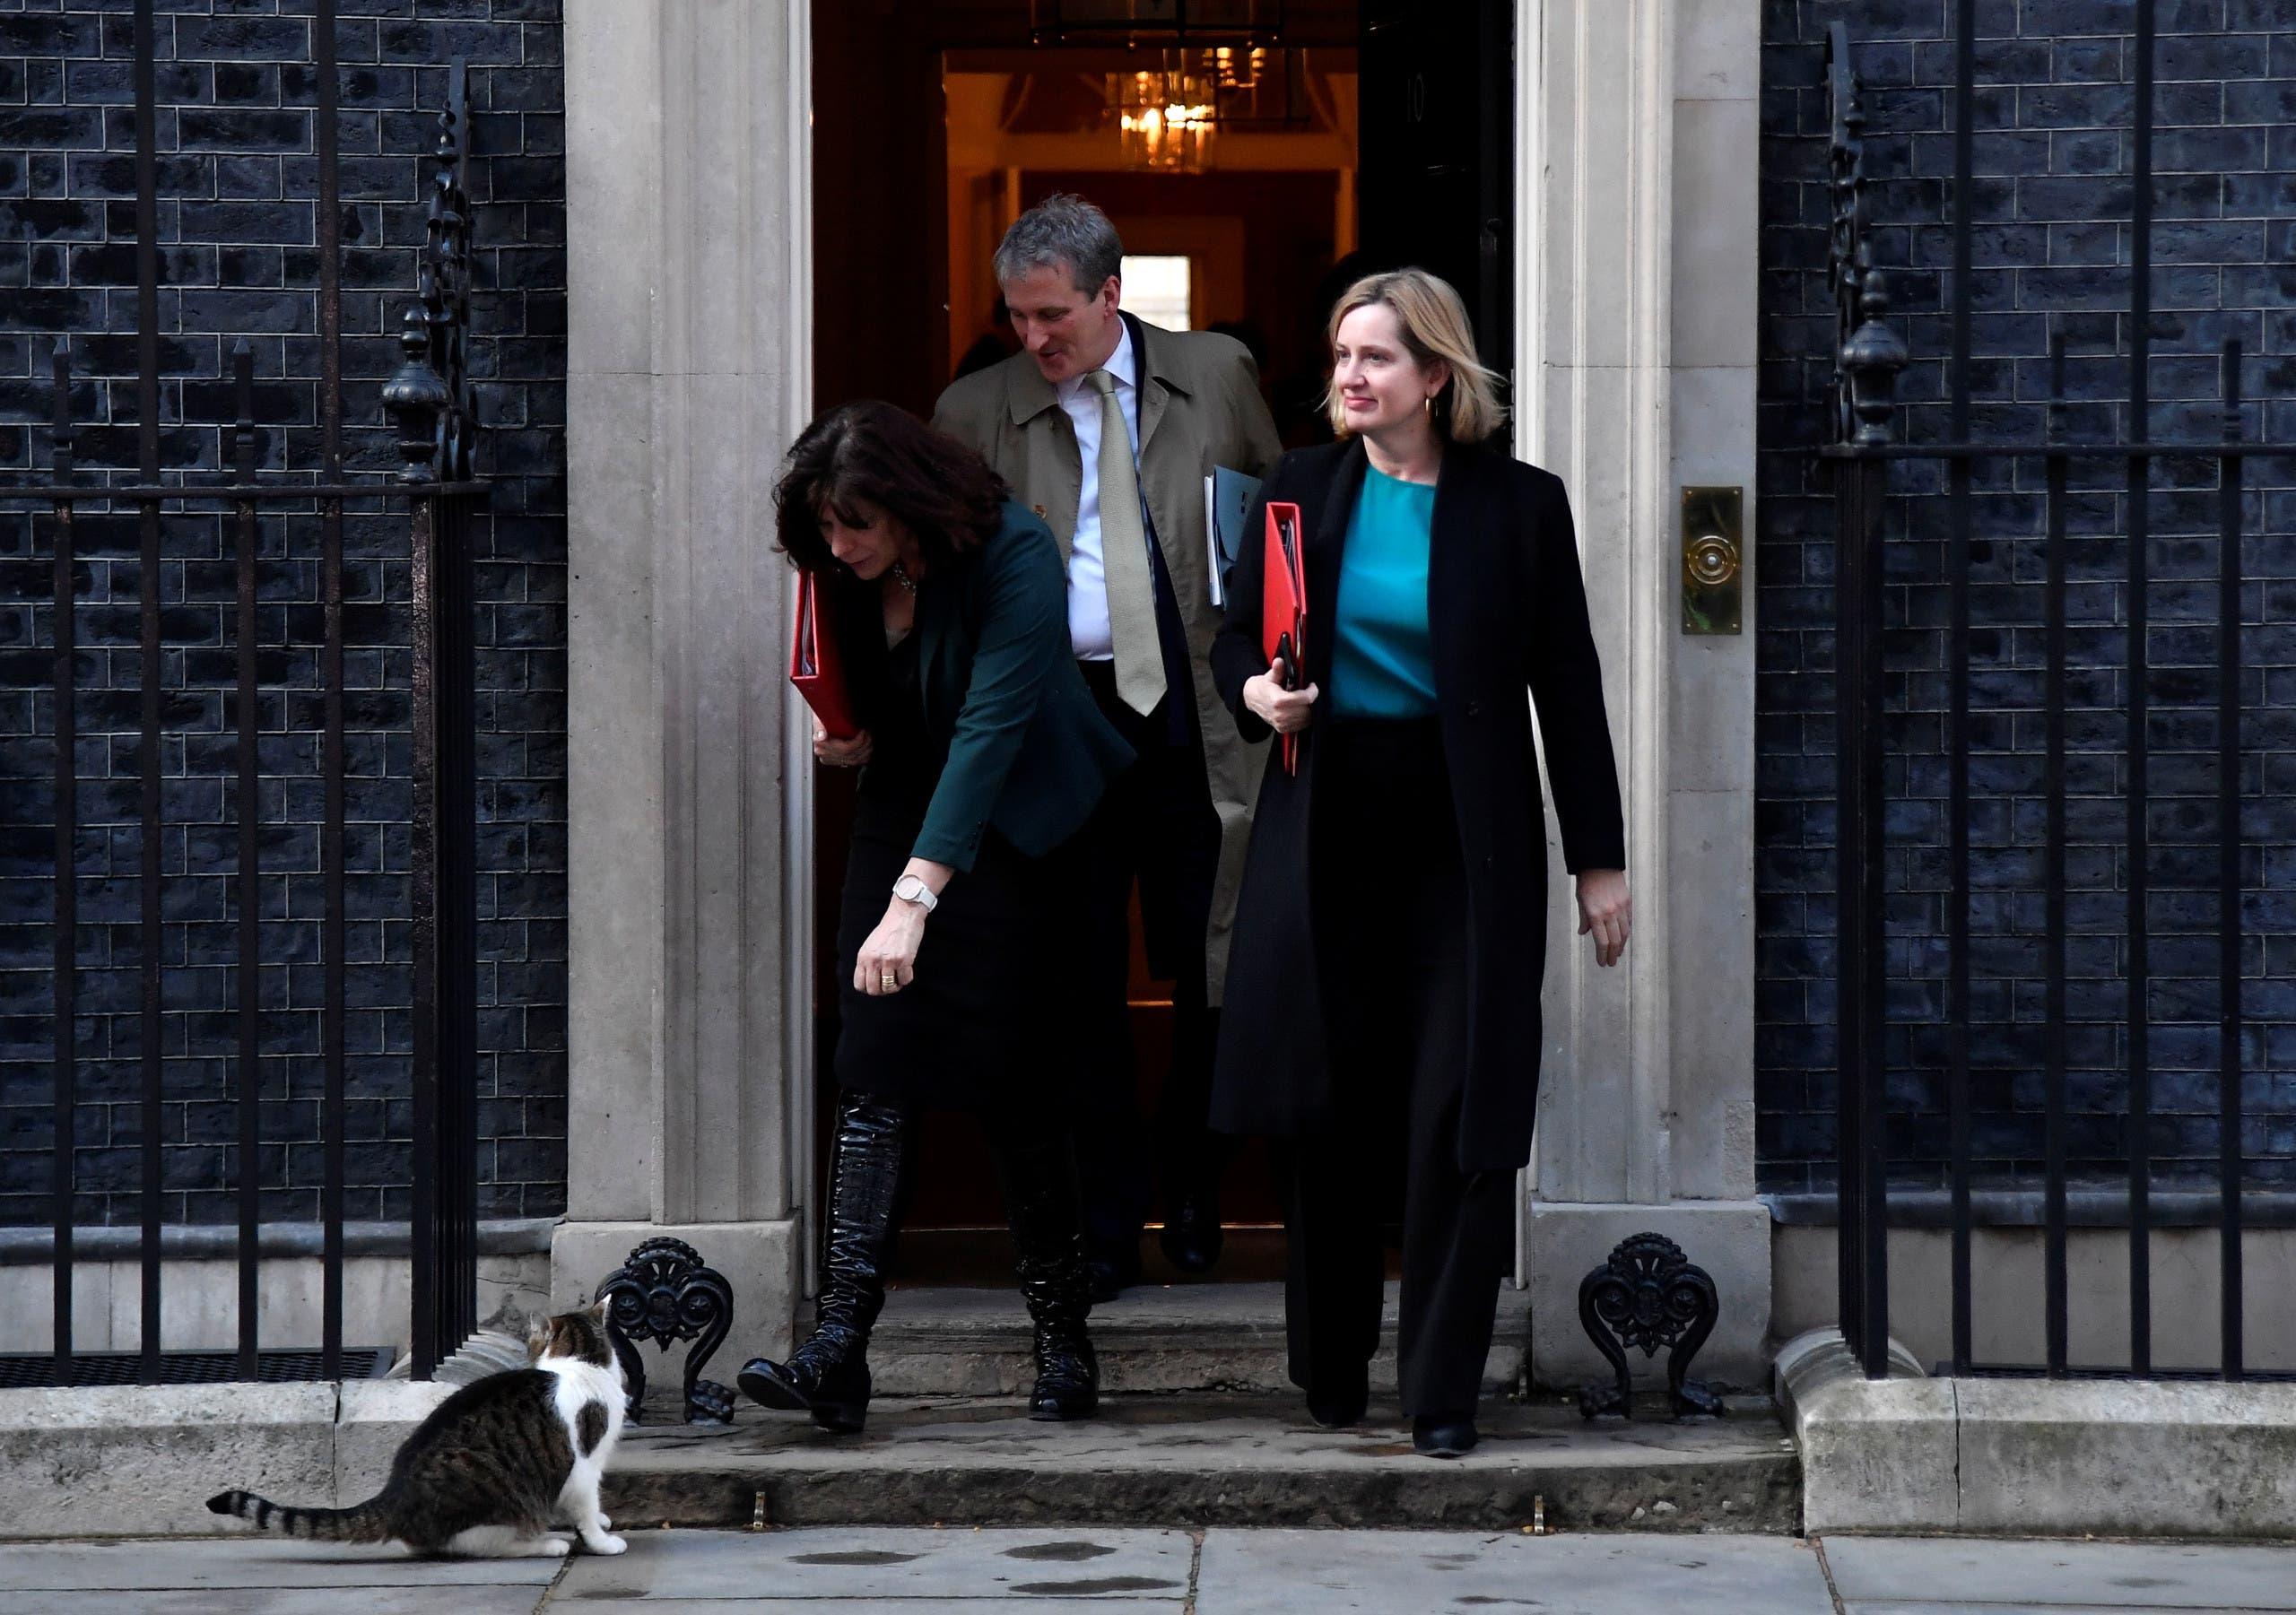 لاري أمام 10 داونينغ ستريت بينما يخرج عدد من الوزراء البريطانيين من المقر